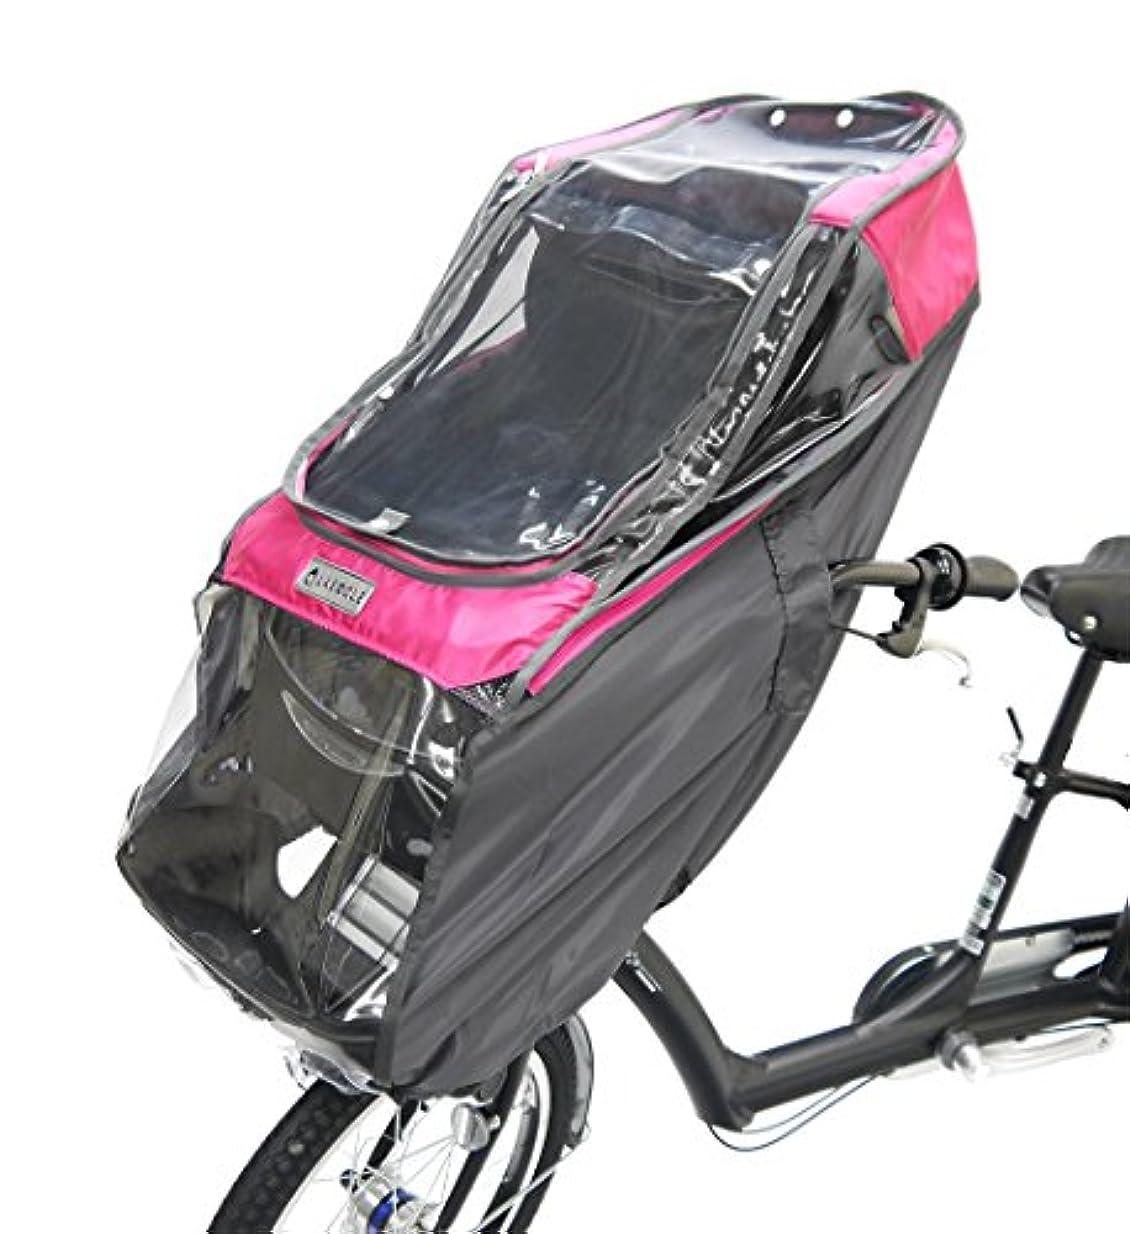 ピック解読する束LABOCLE ラボクル プレミアムチャイルドシートレインカバー 自転車用 フロントチャイルドシート用雨よけカバー L-PCF01